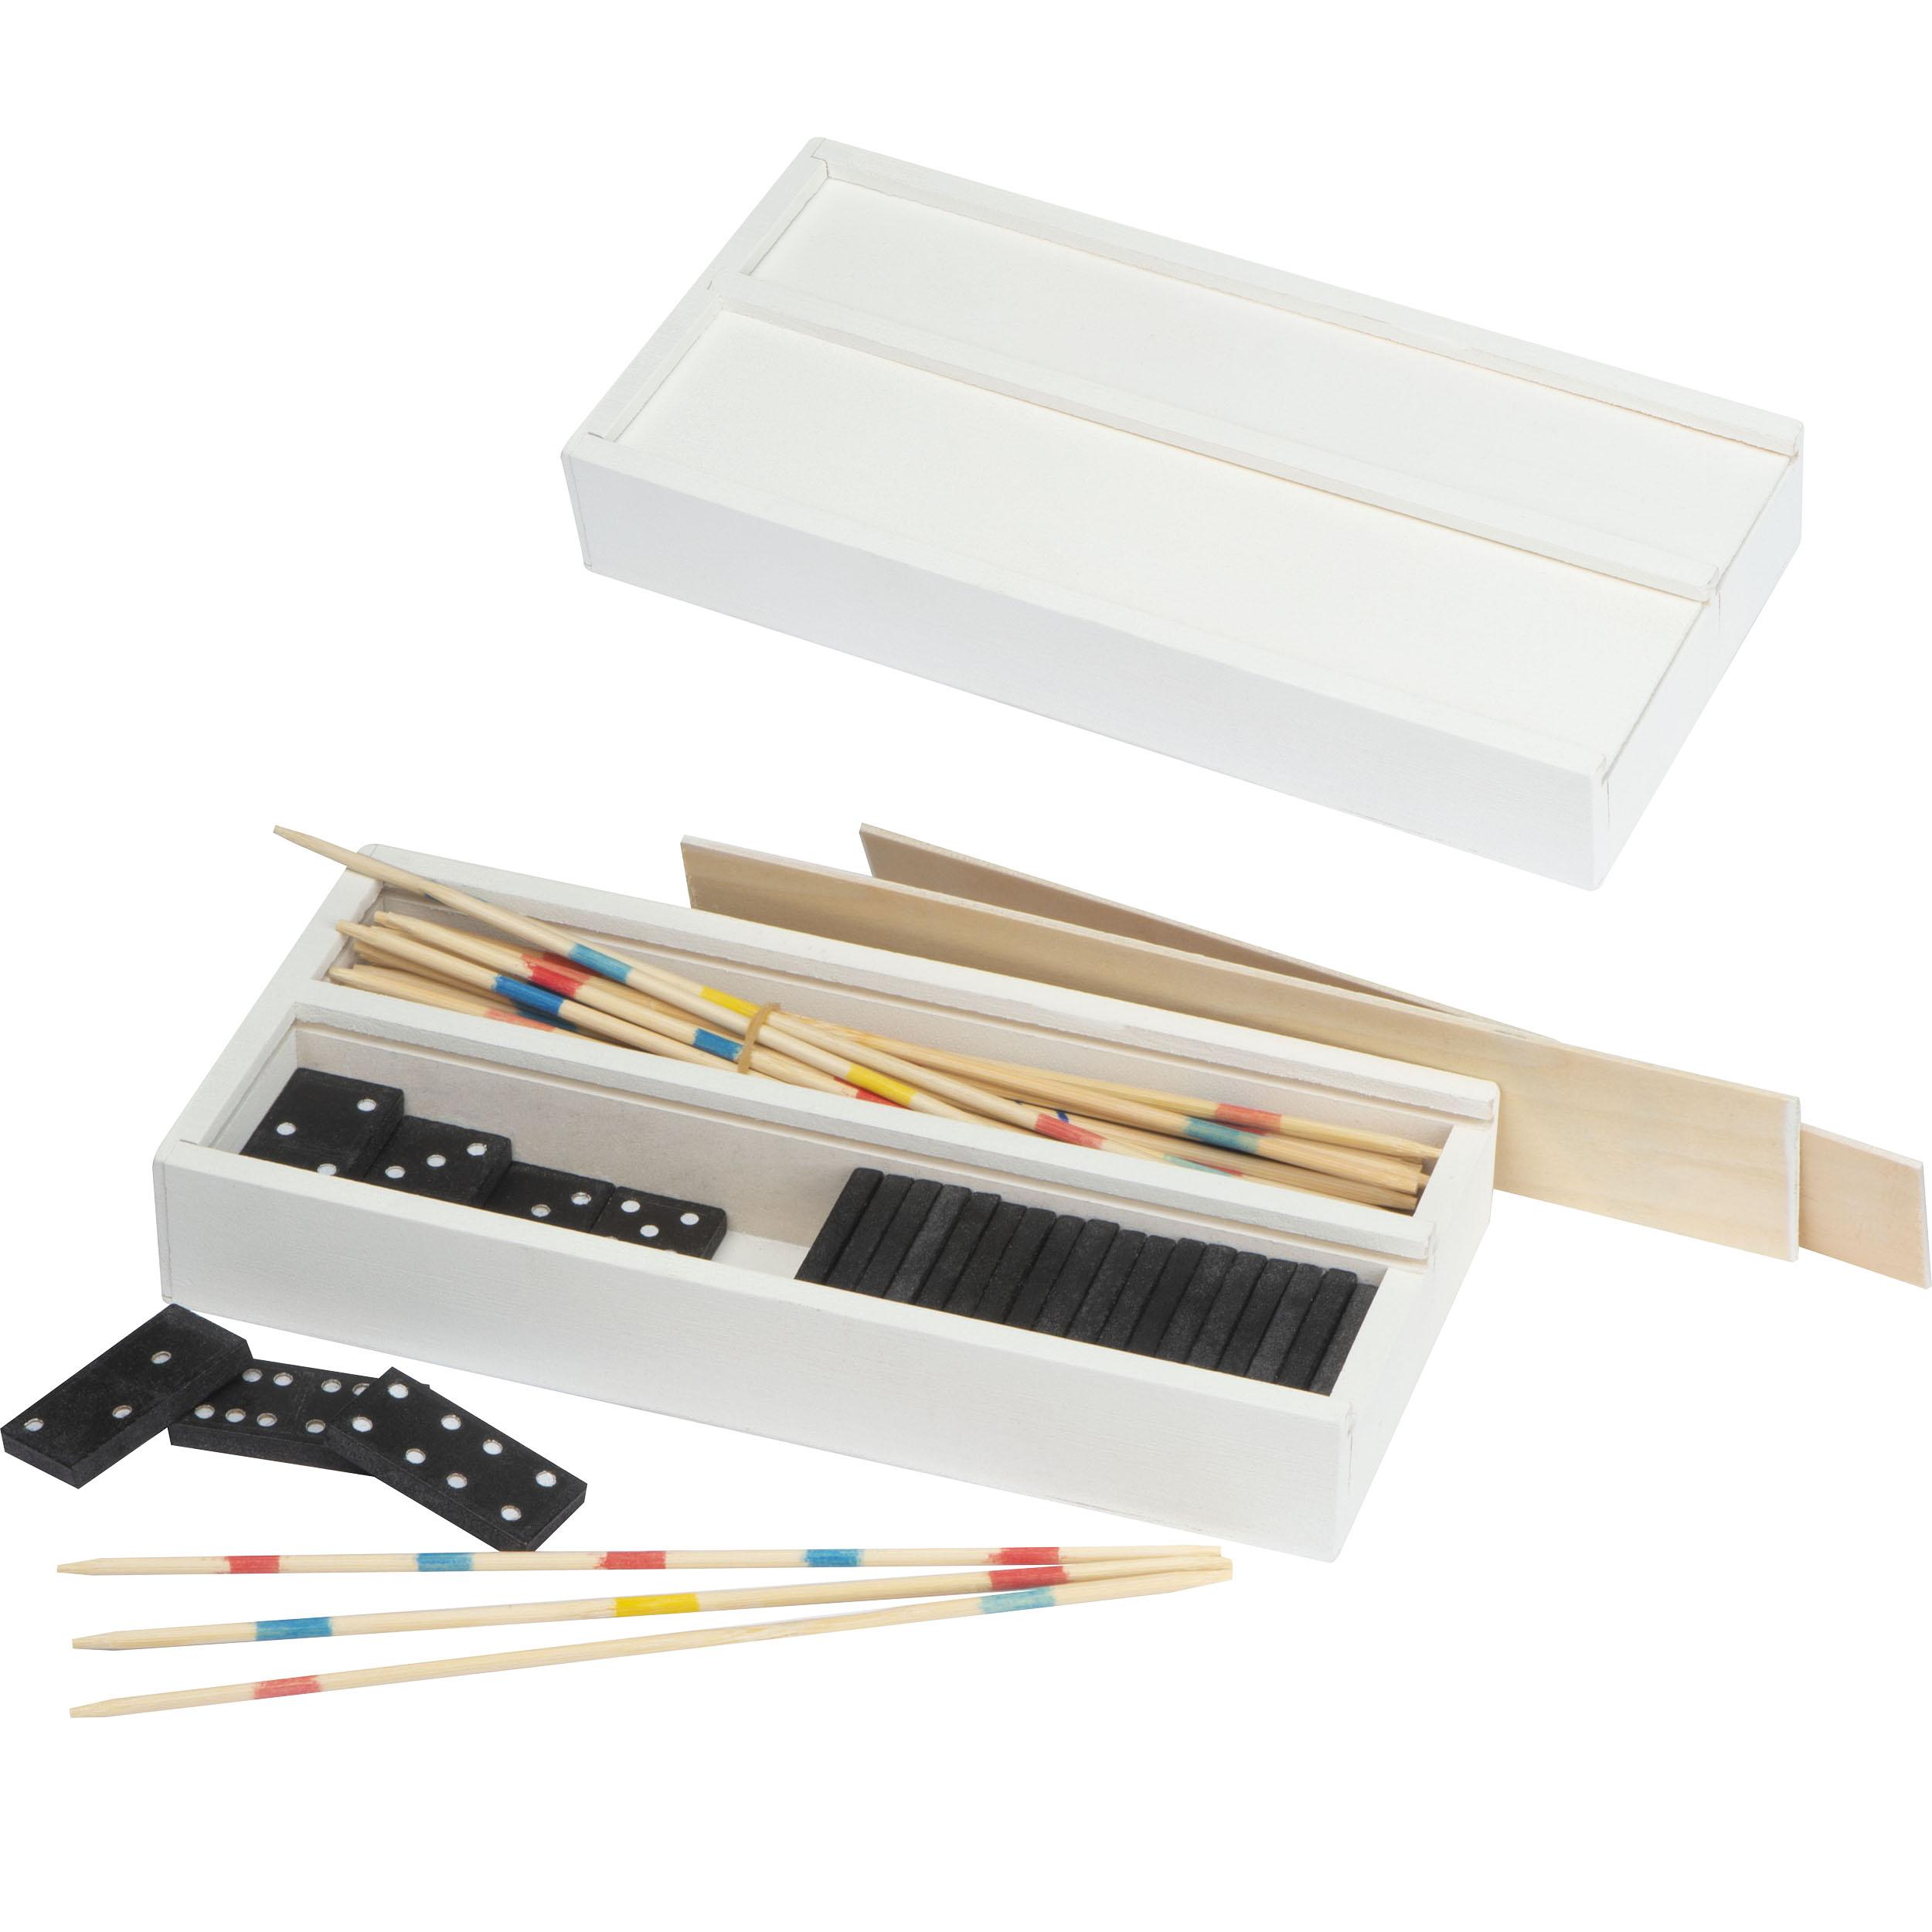 Holzbox mit Mikado und Domino